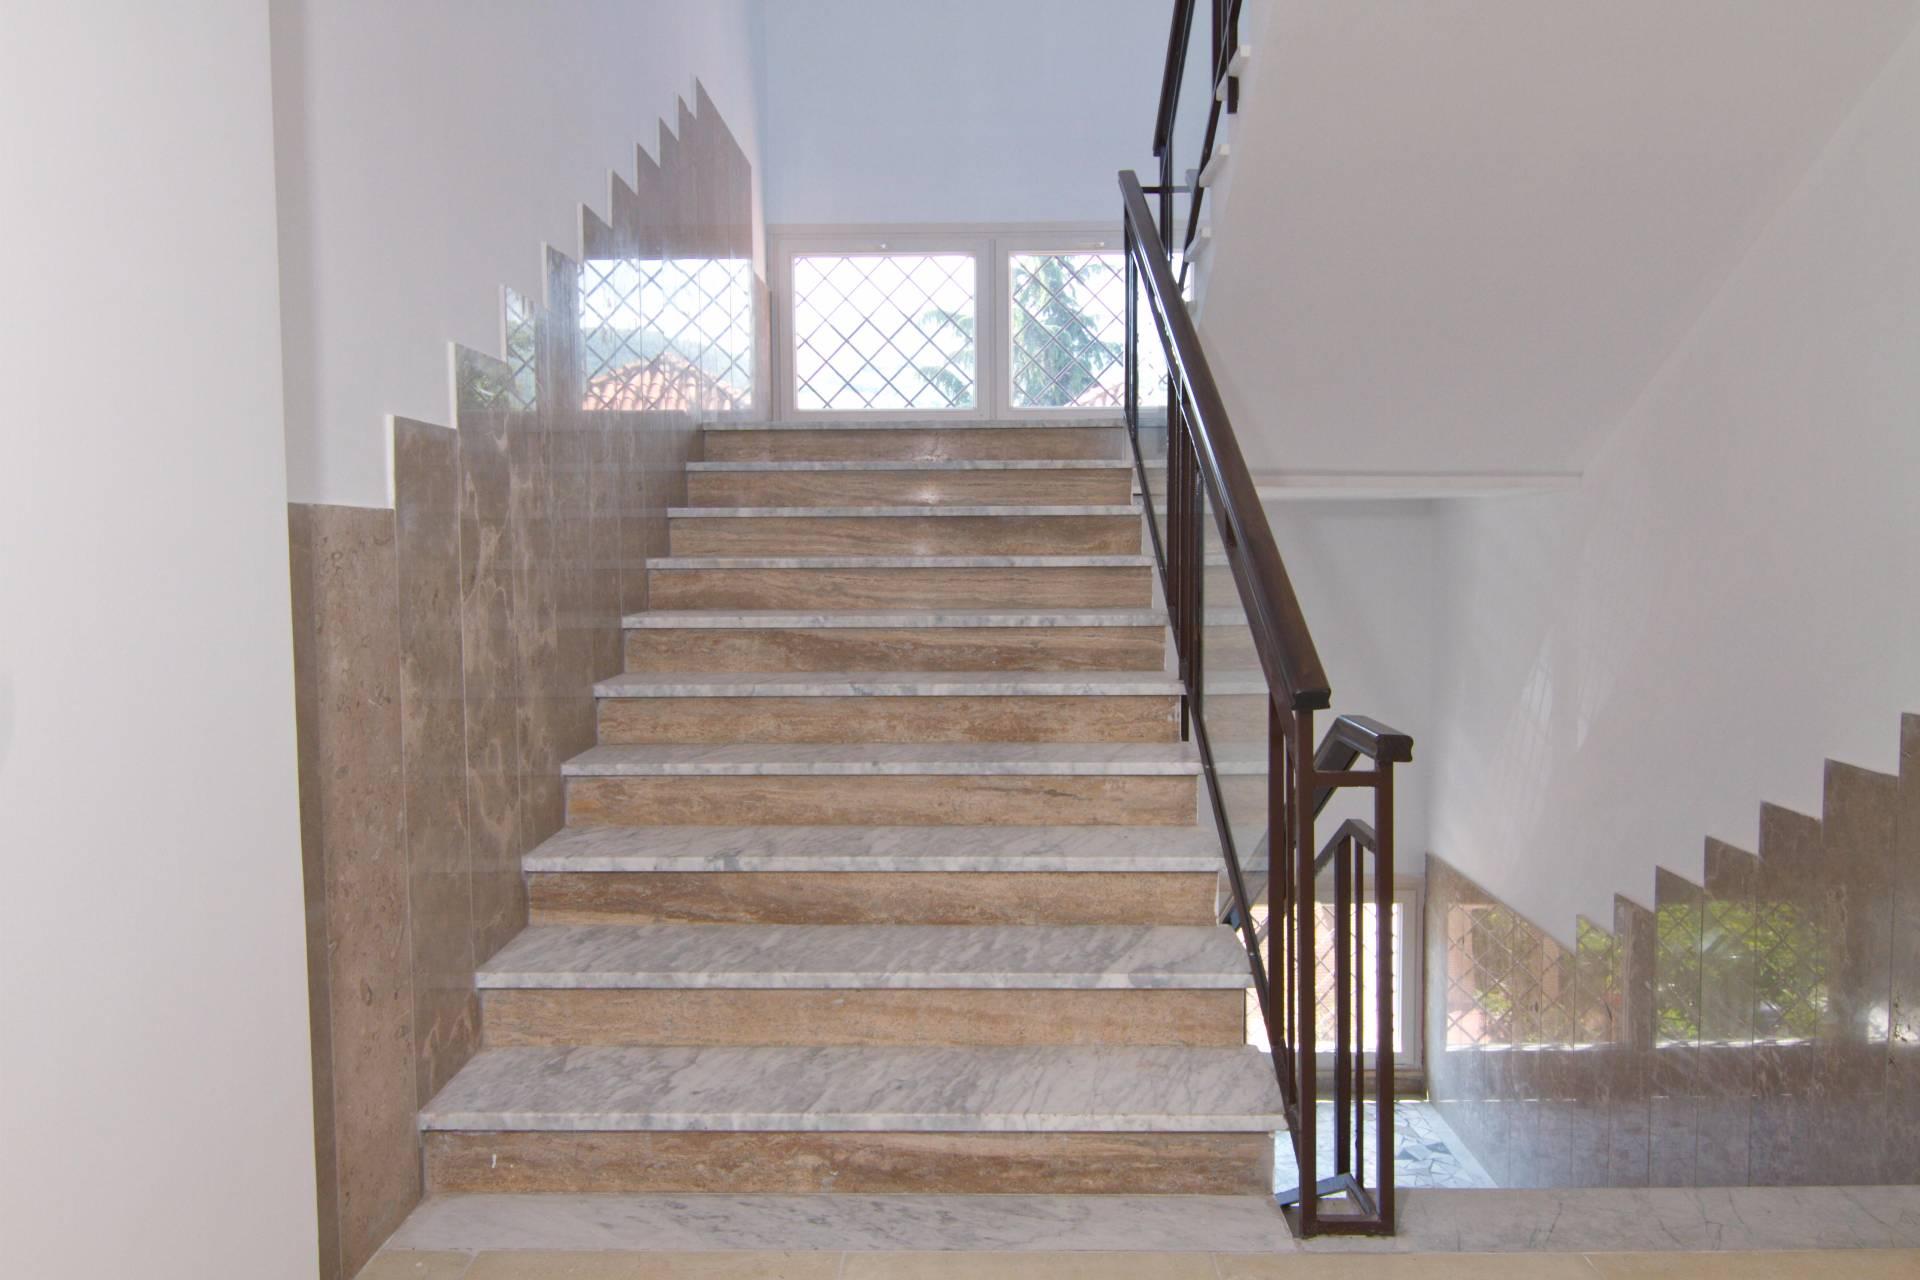 Appartamento in vendita a Colleferro, 3 locali, prezzo € 116.000 | CambioCasa.it